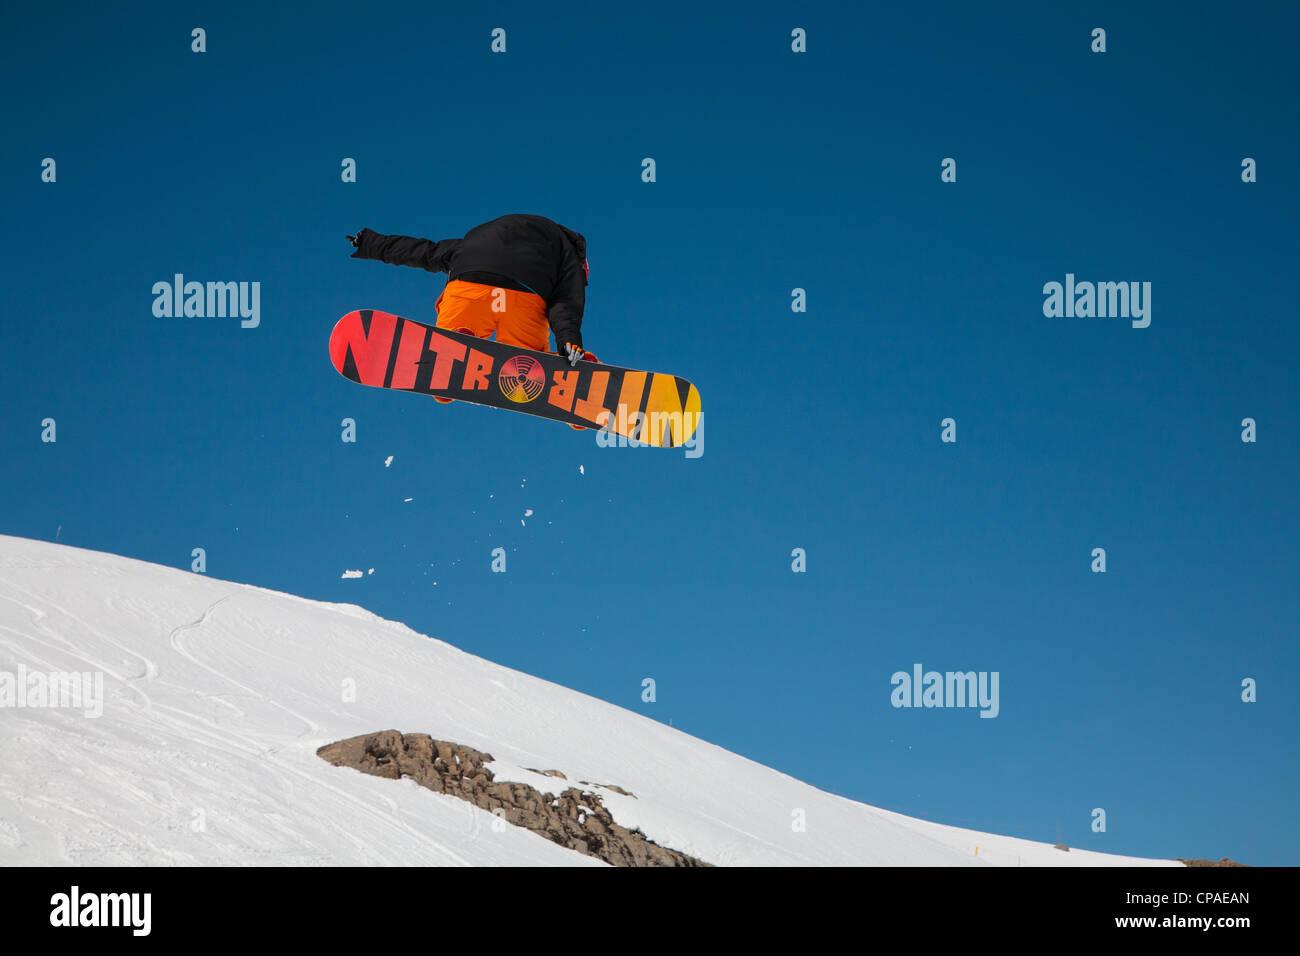 Un free-style boarder exécute un saut et twist contre un ciel bleu clair. 1 de 3. Photo Stock